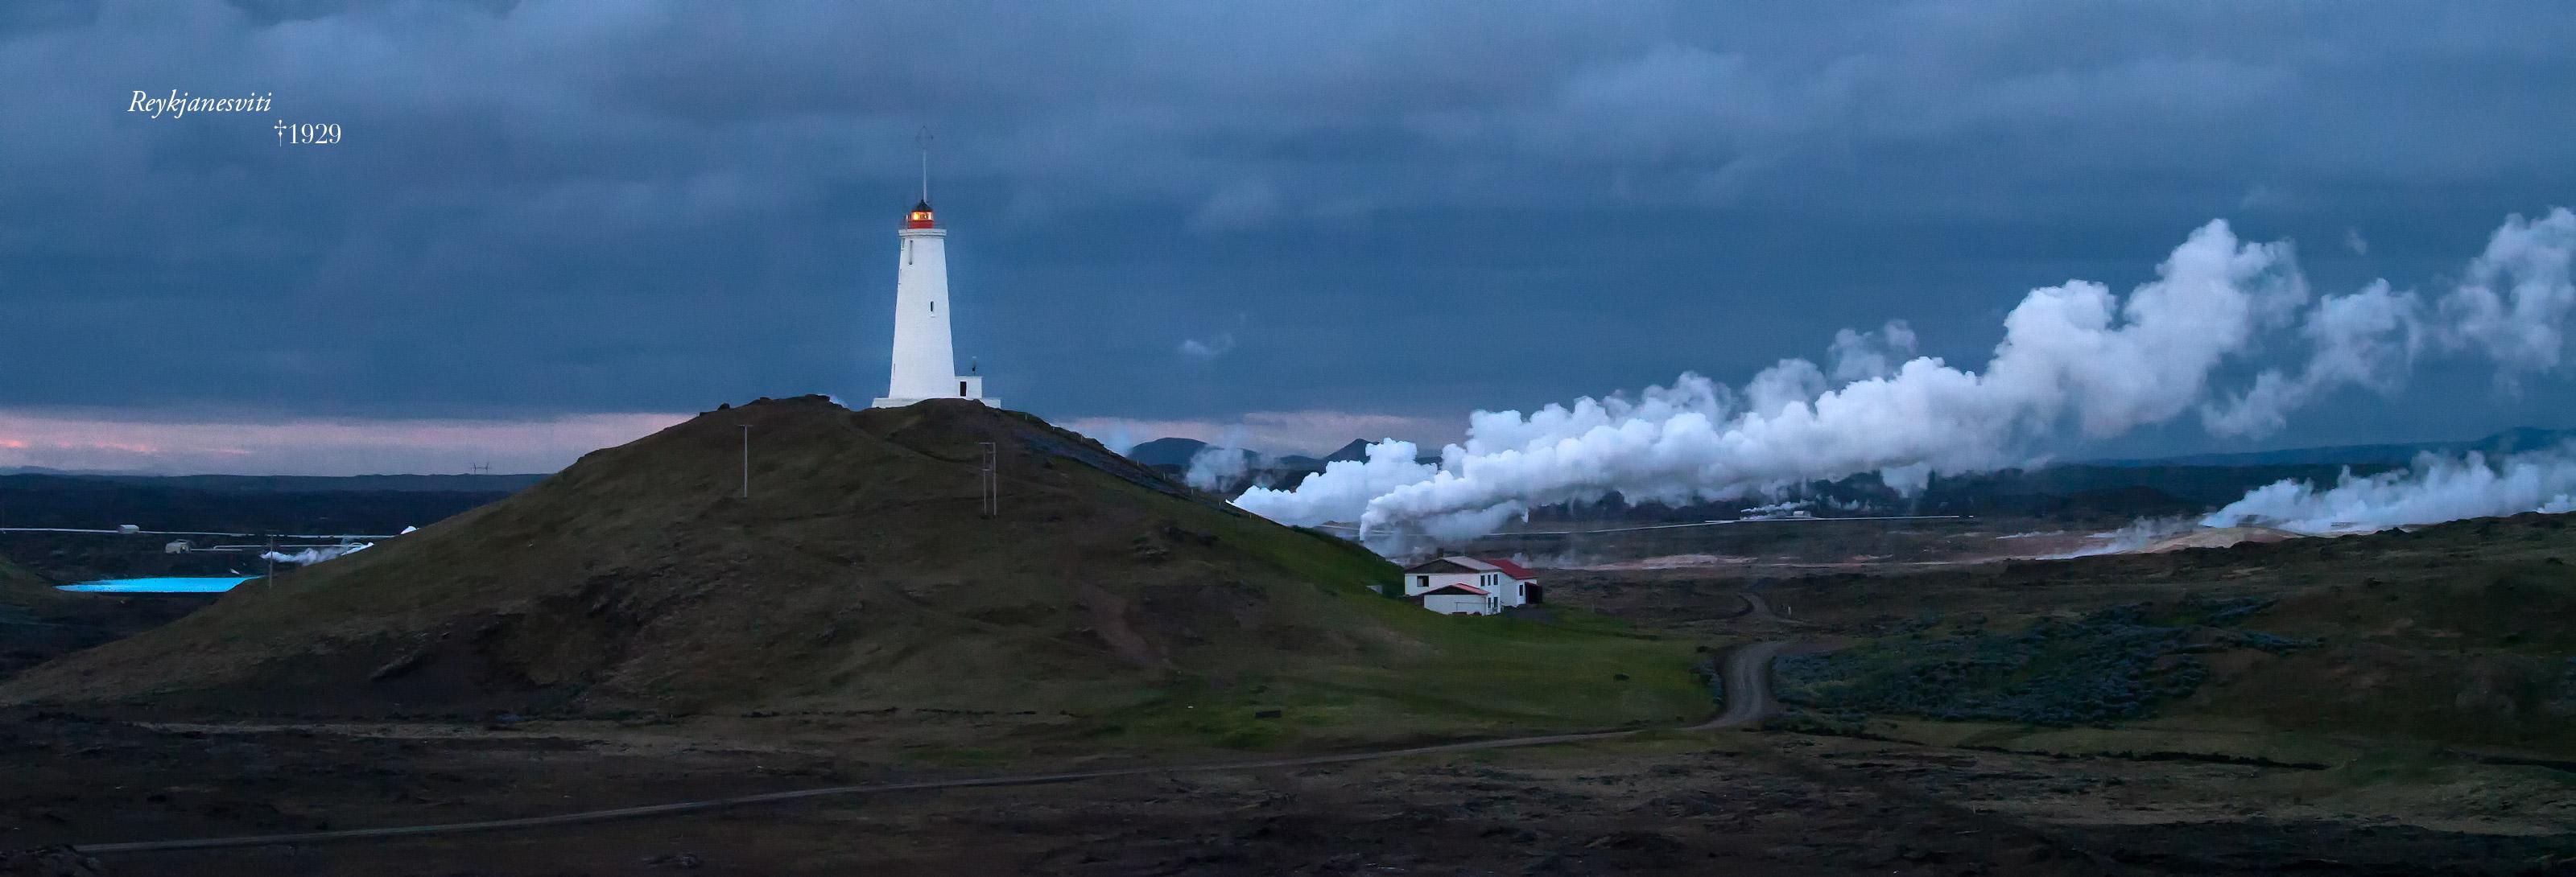 Image sommaire RÉCIT ISLANDE 2012 PARTIE 1. Le phare de Reykjanesta.